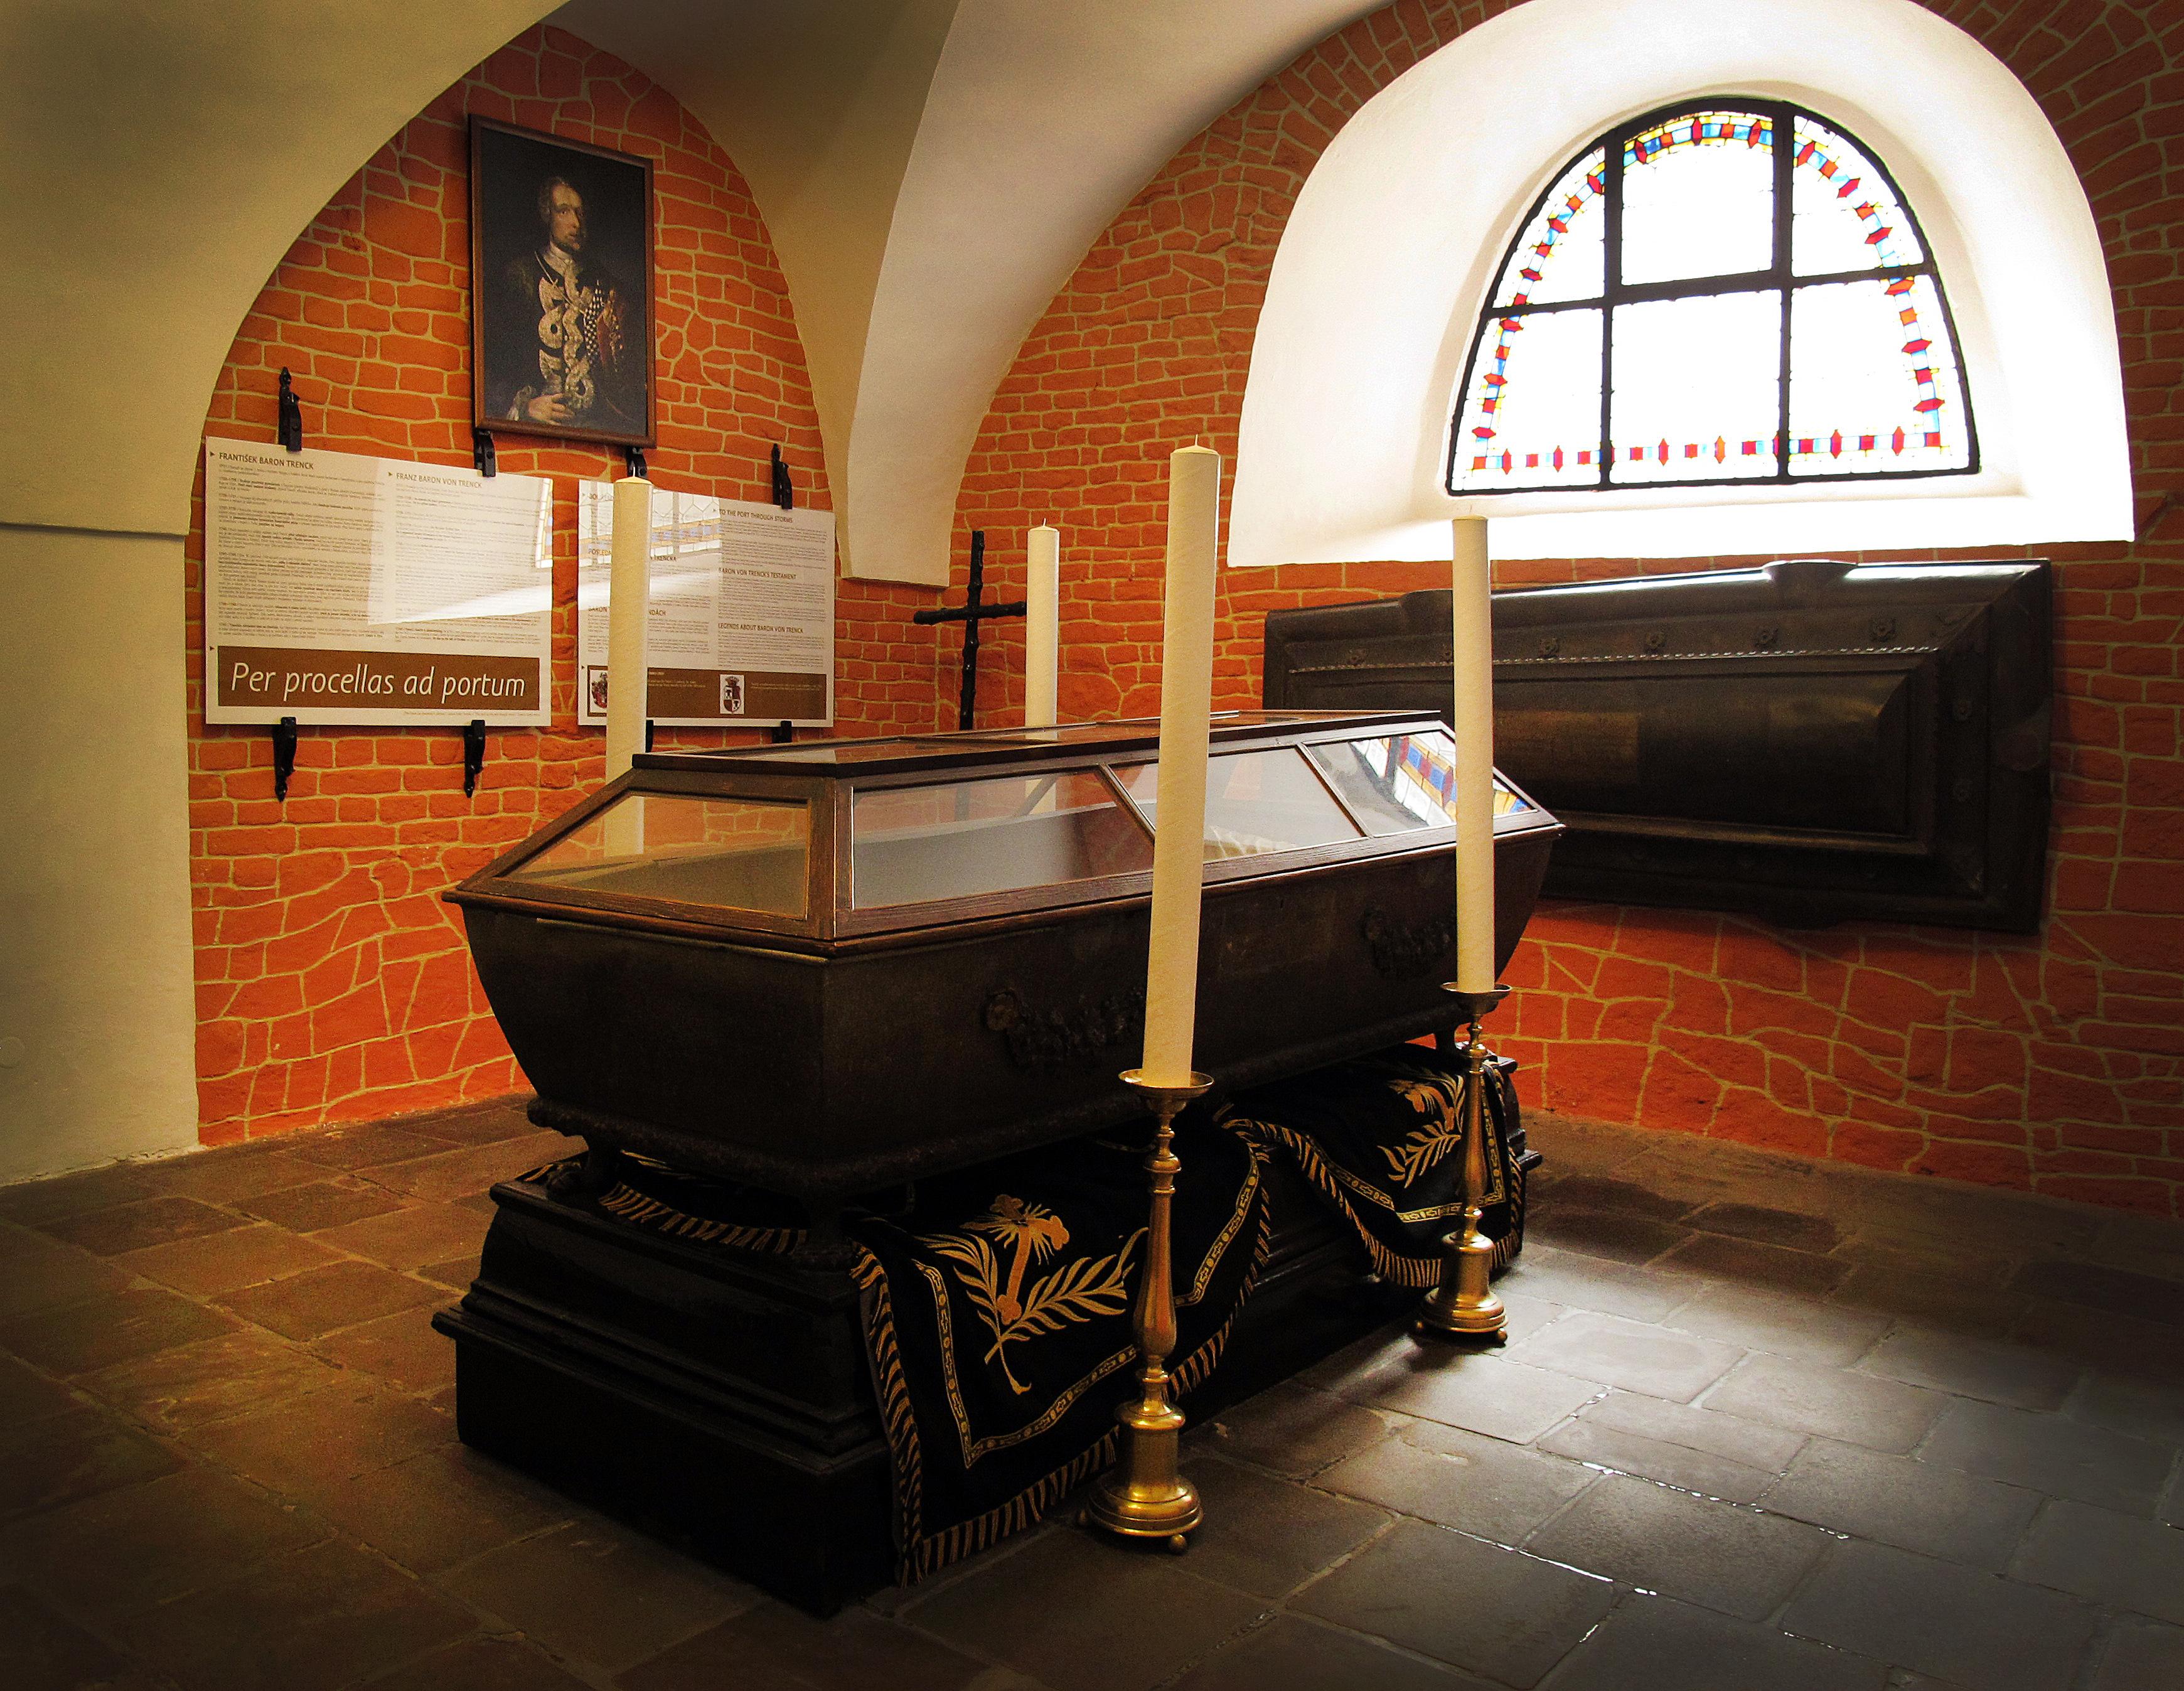 Kostel Nalezení sv. Kříže (the Church of the Discovery of the Holy Cross)